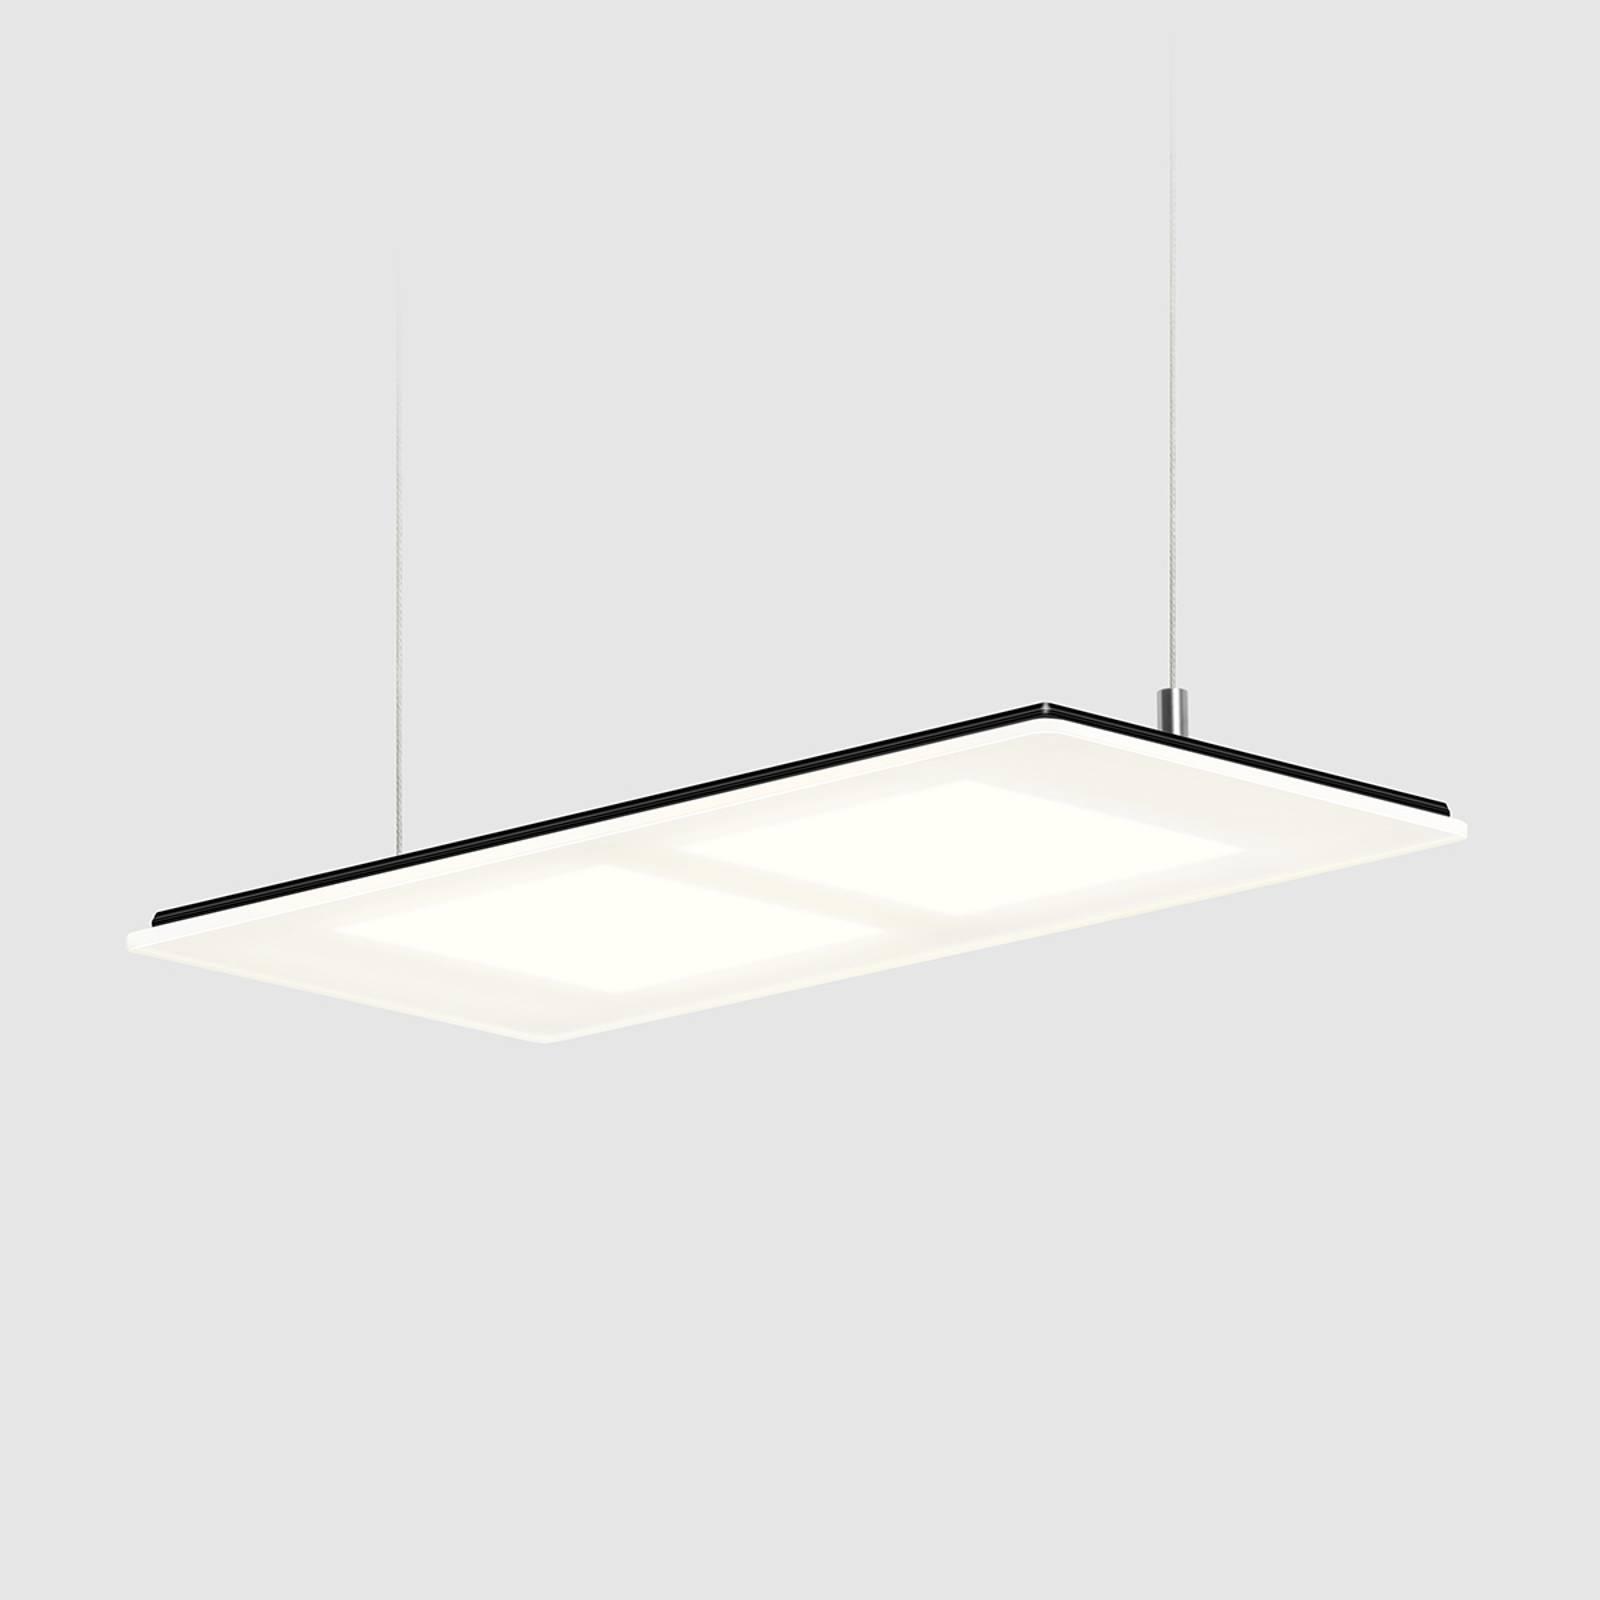 OMLED One s2 - czarna lampa wisząca OLED